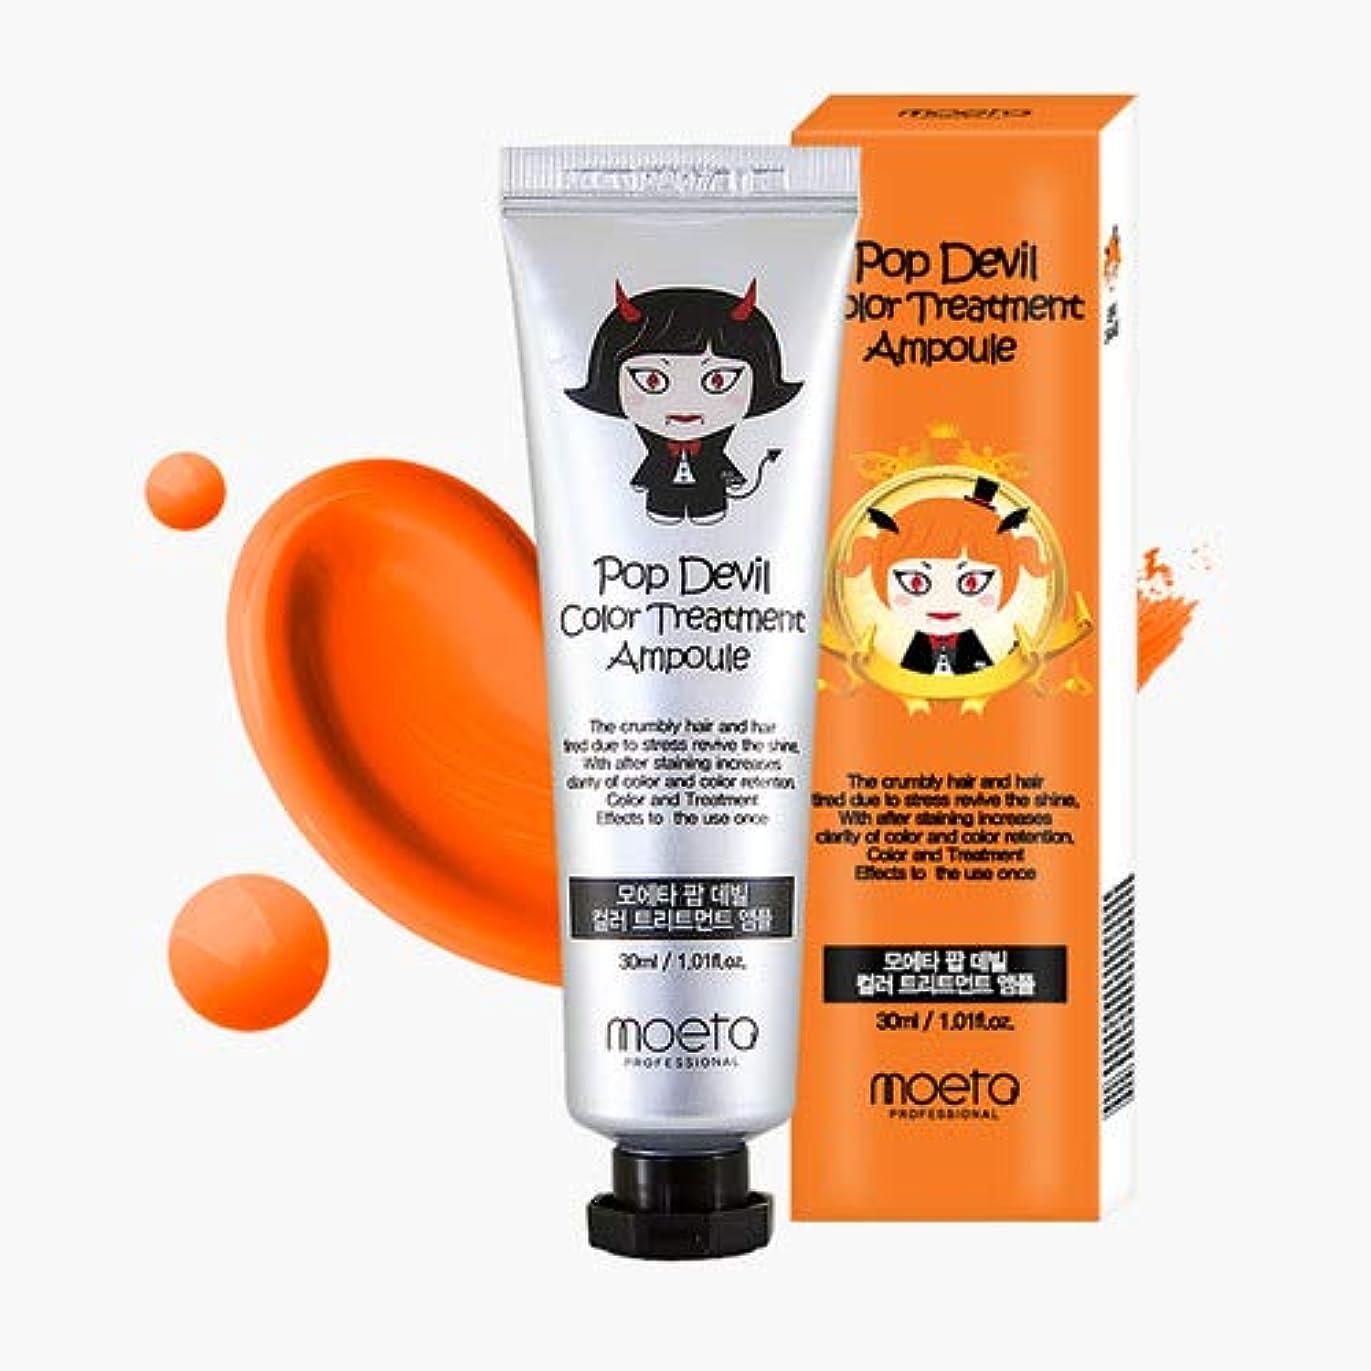 アンプうがい若者Moeta  ポップ デビル カラートリートメント アンプル / Pop Devil Color Treatment Ampoule (30ml) (オレンジ) [並行輸入品]